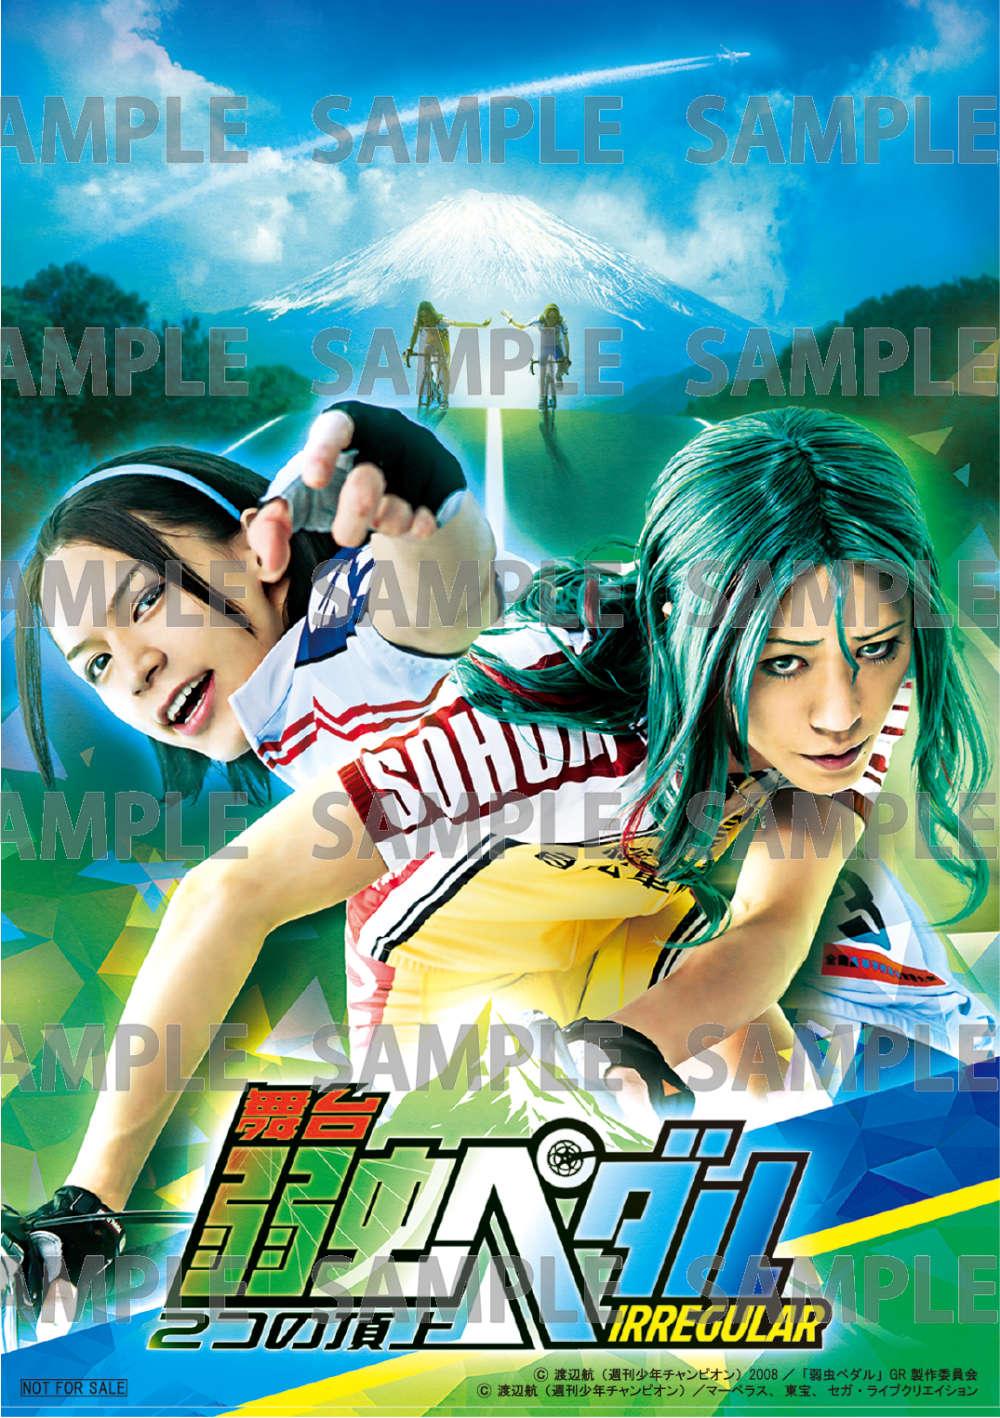 舞台『弱虫ペダル』IRREGULAR 〜2つの頂上〜 Blu-ray